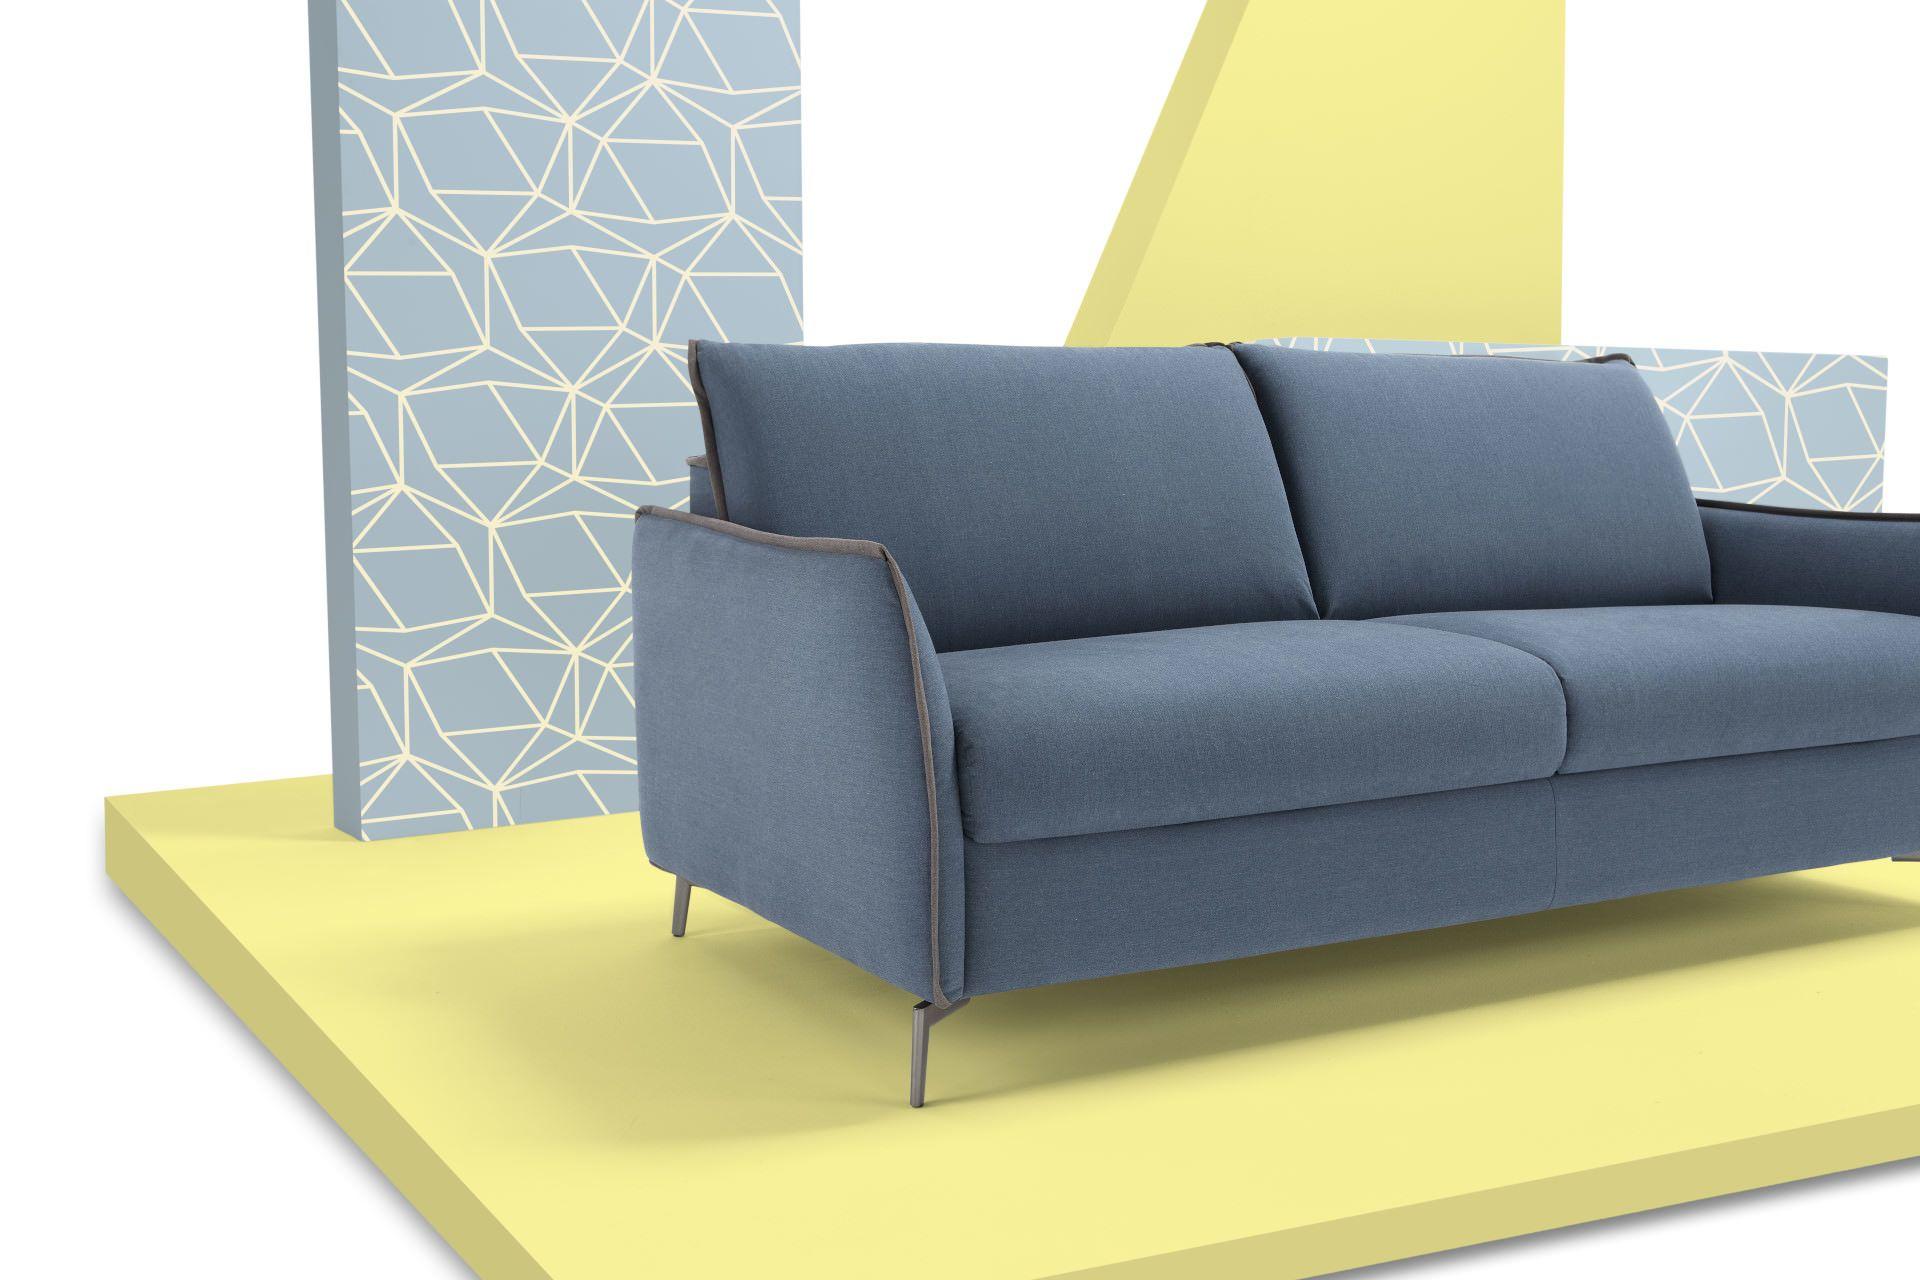 раскладной компактный диван Valentina бренда Dienne купите здесь